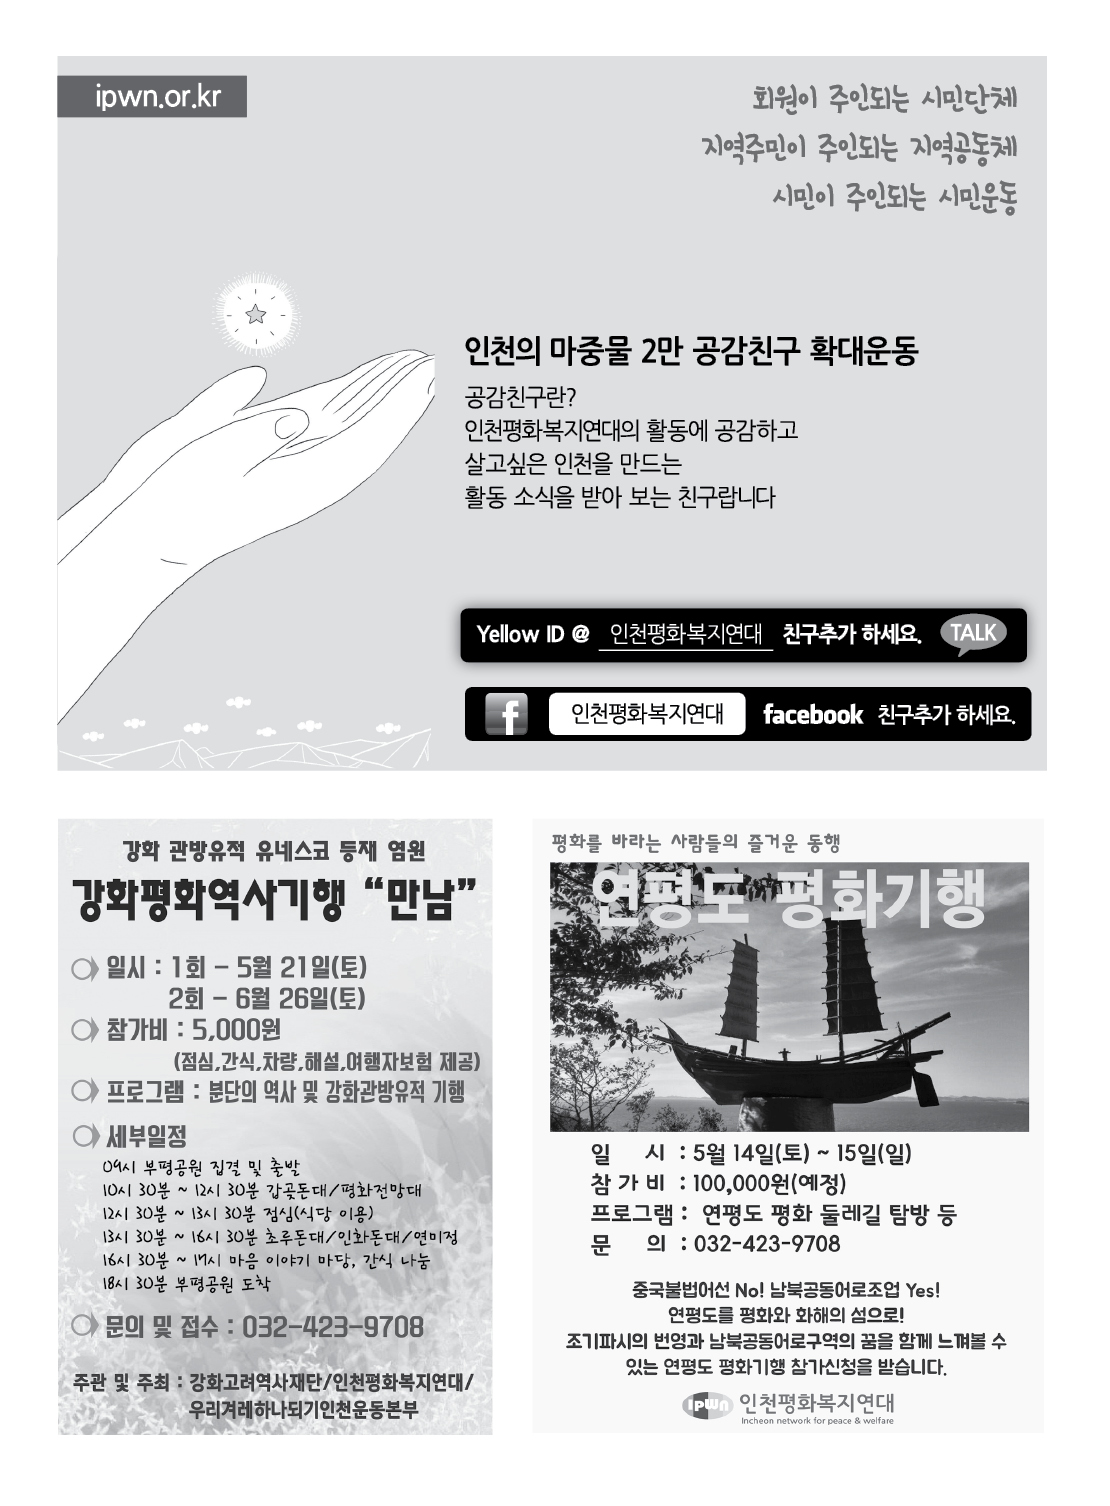 아웃라인 인천평화복지연대 소식지창간준비3호36.jpg